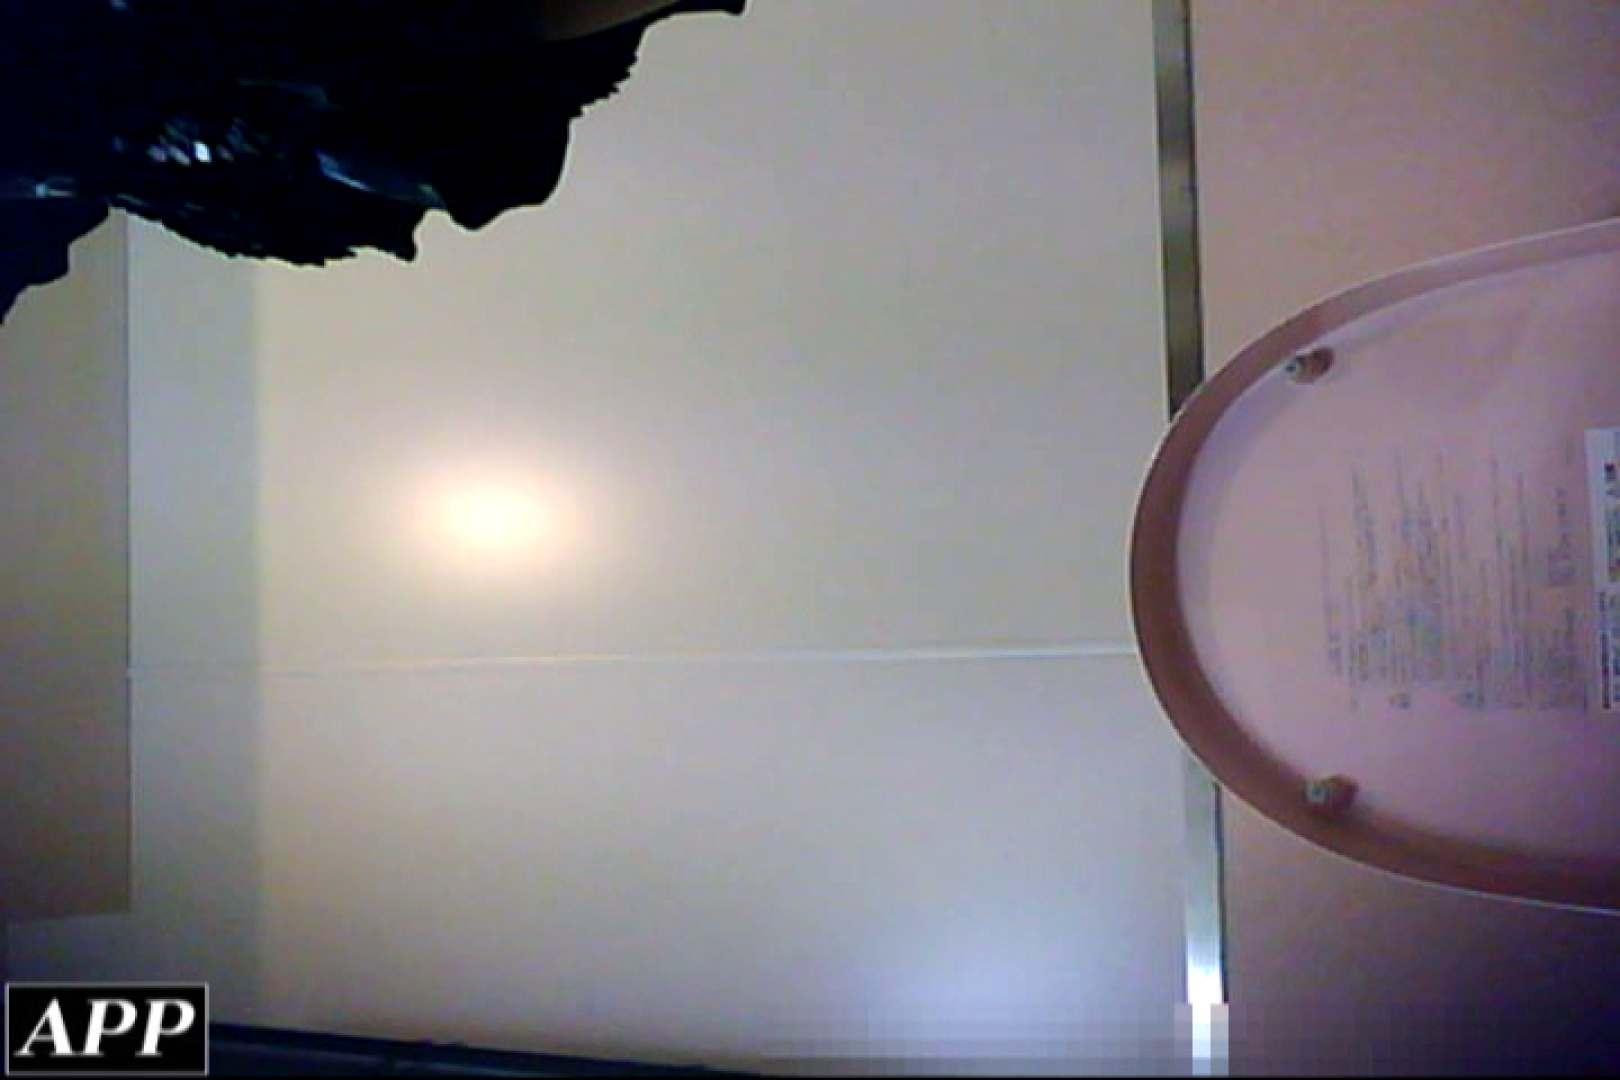 3視点洗面所 vol.19 マンコ満開 おめこ無修正画像 96PIX 63